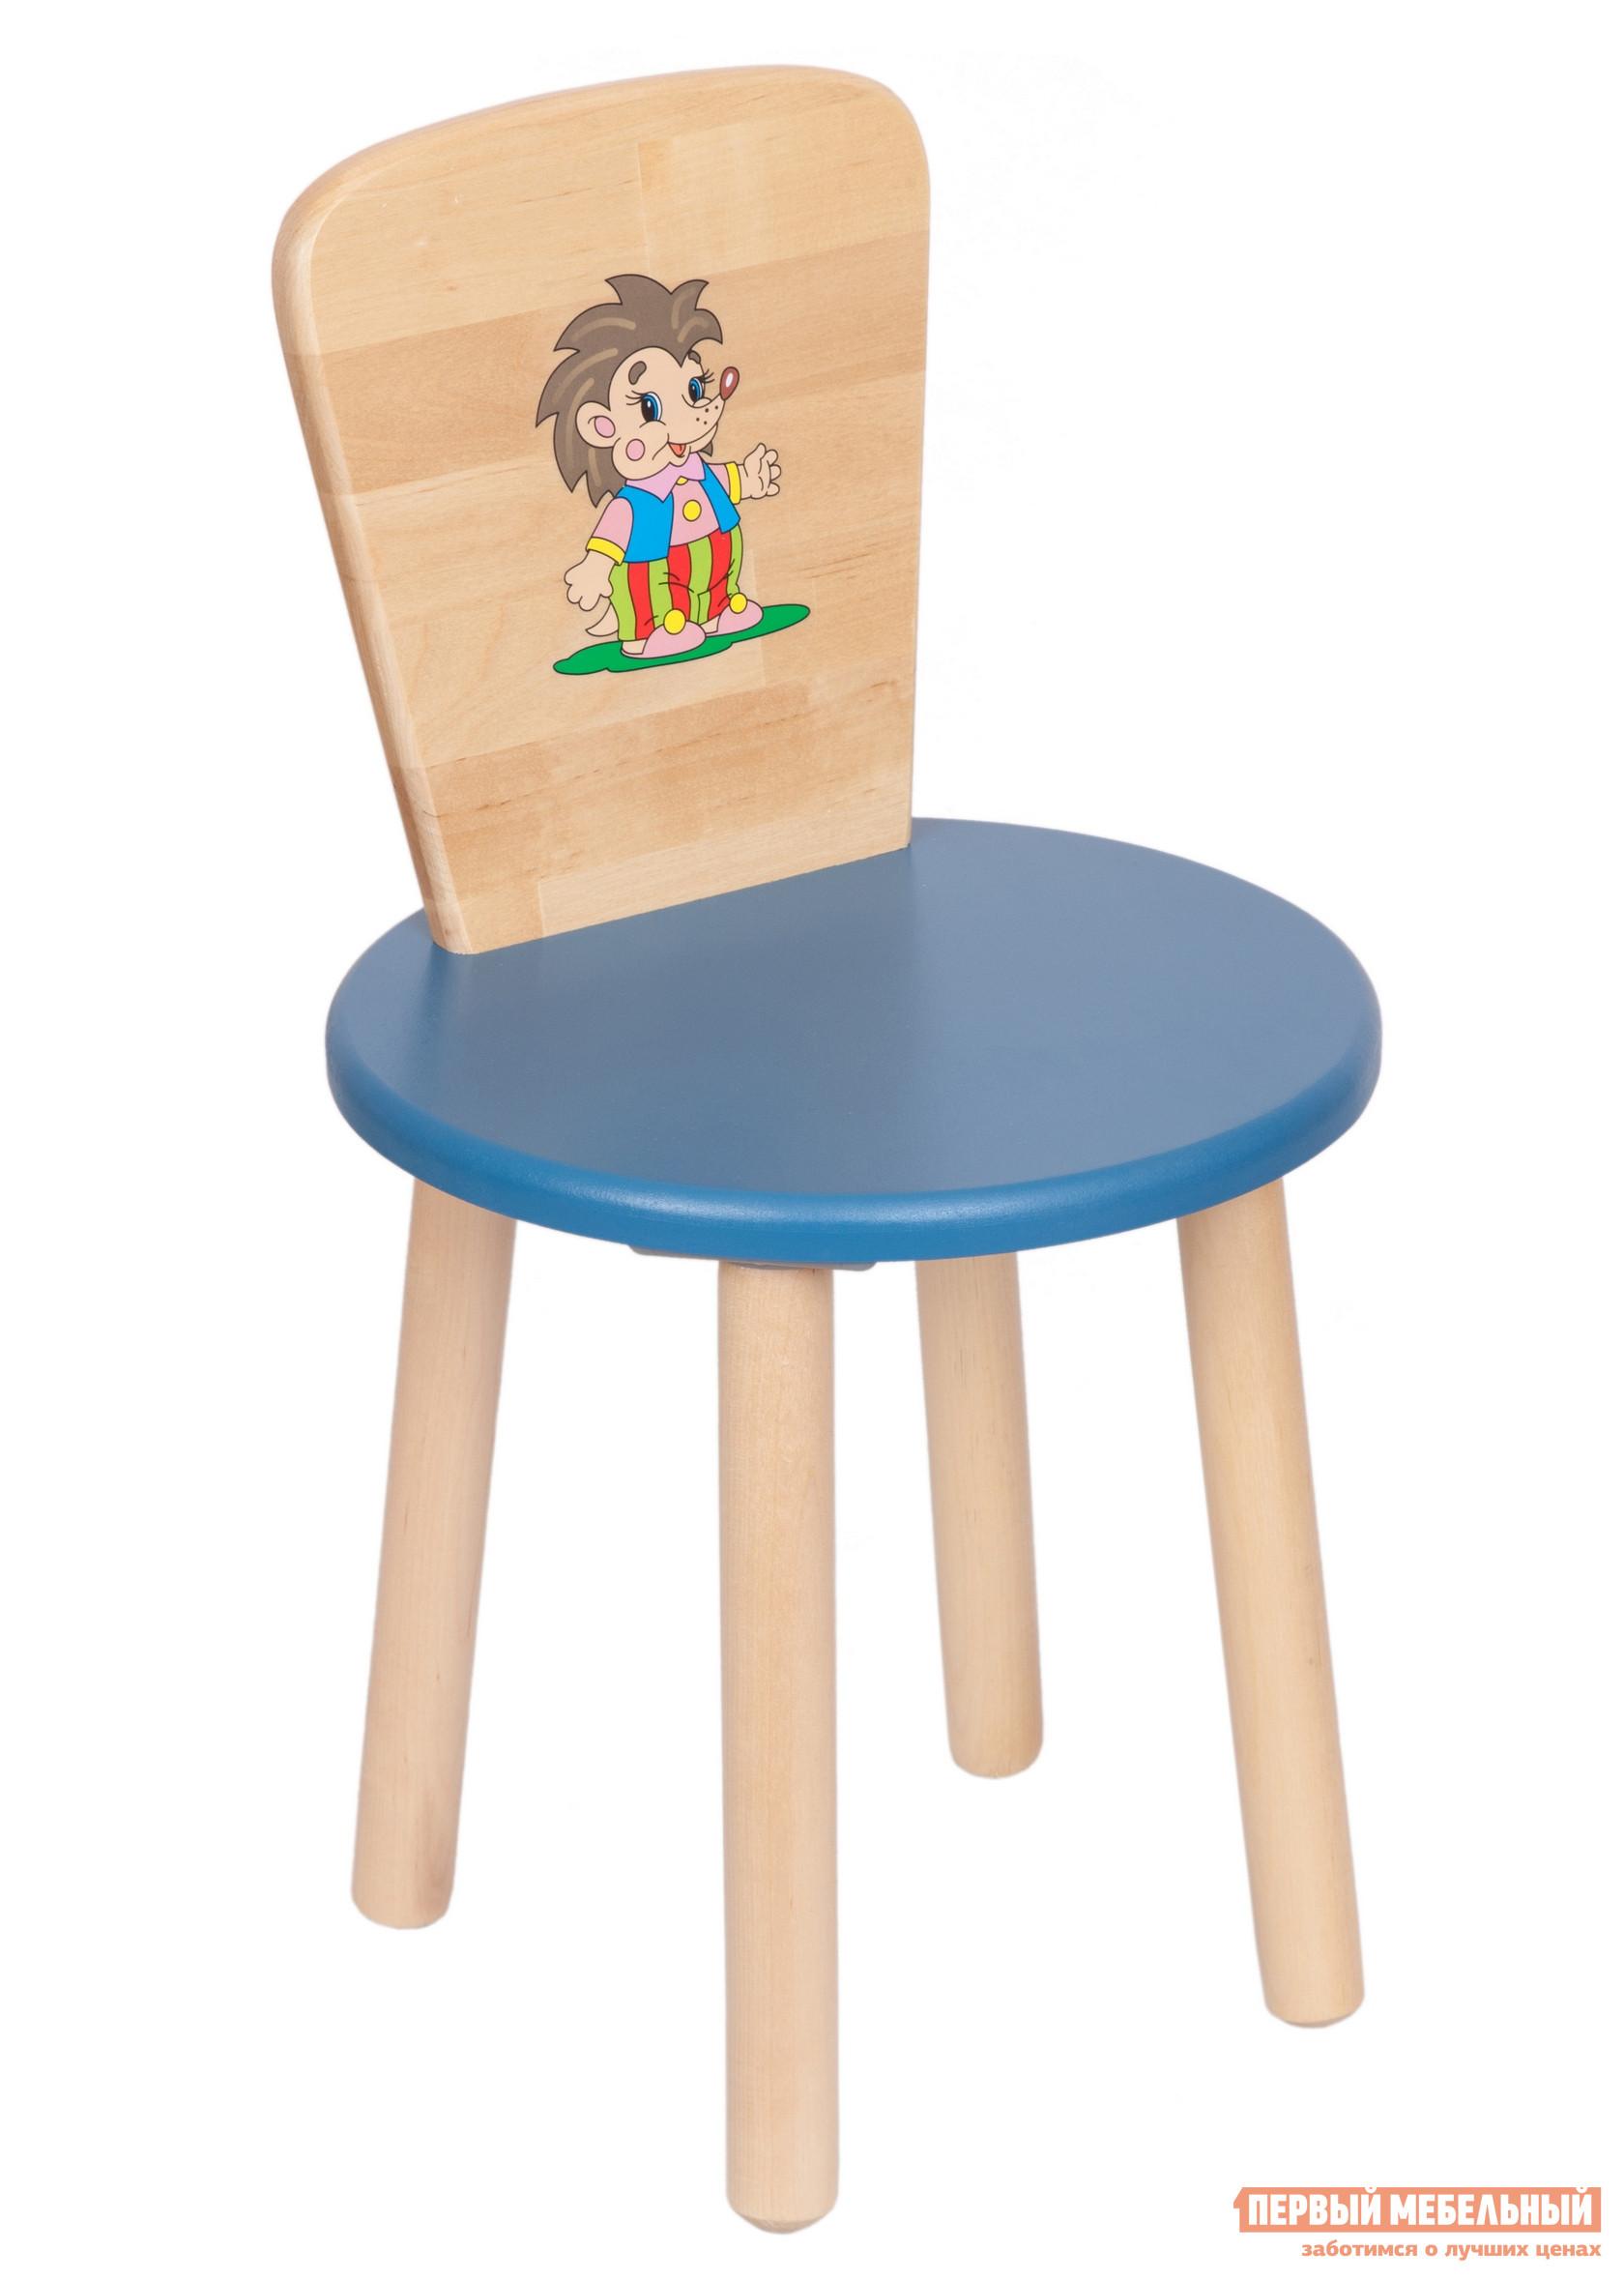 Фото Столик и стульчик РусЭкоМебель Стул Круглый ЭКО Эко синий, рис. Ежик. Купить с доставкой